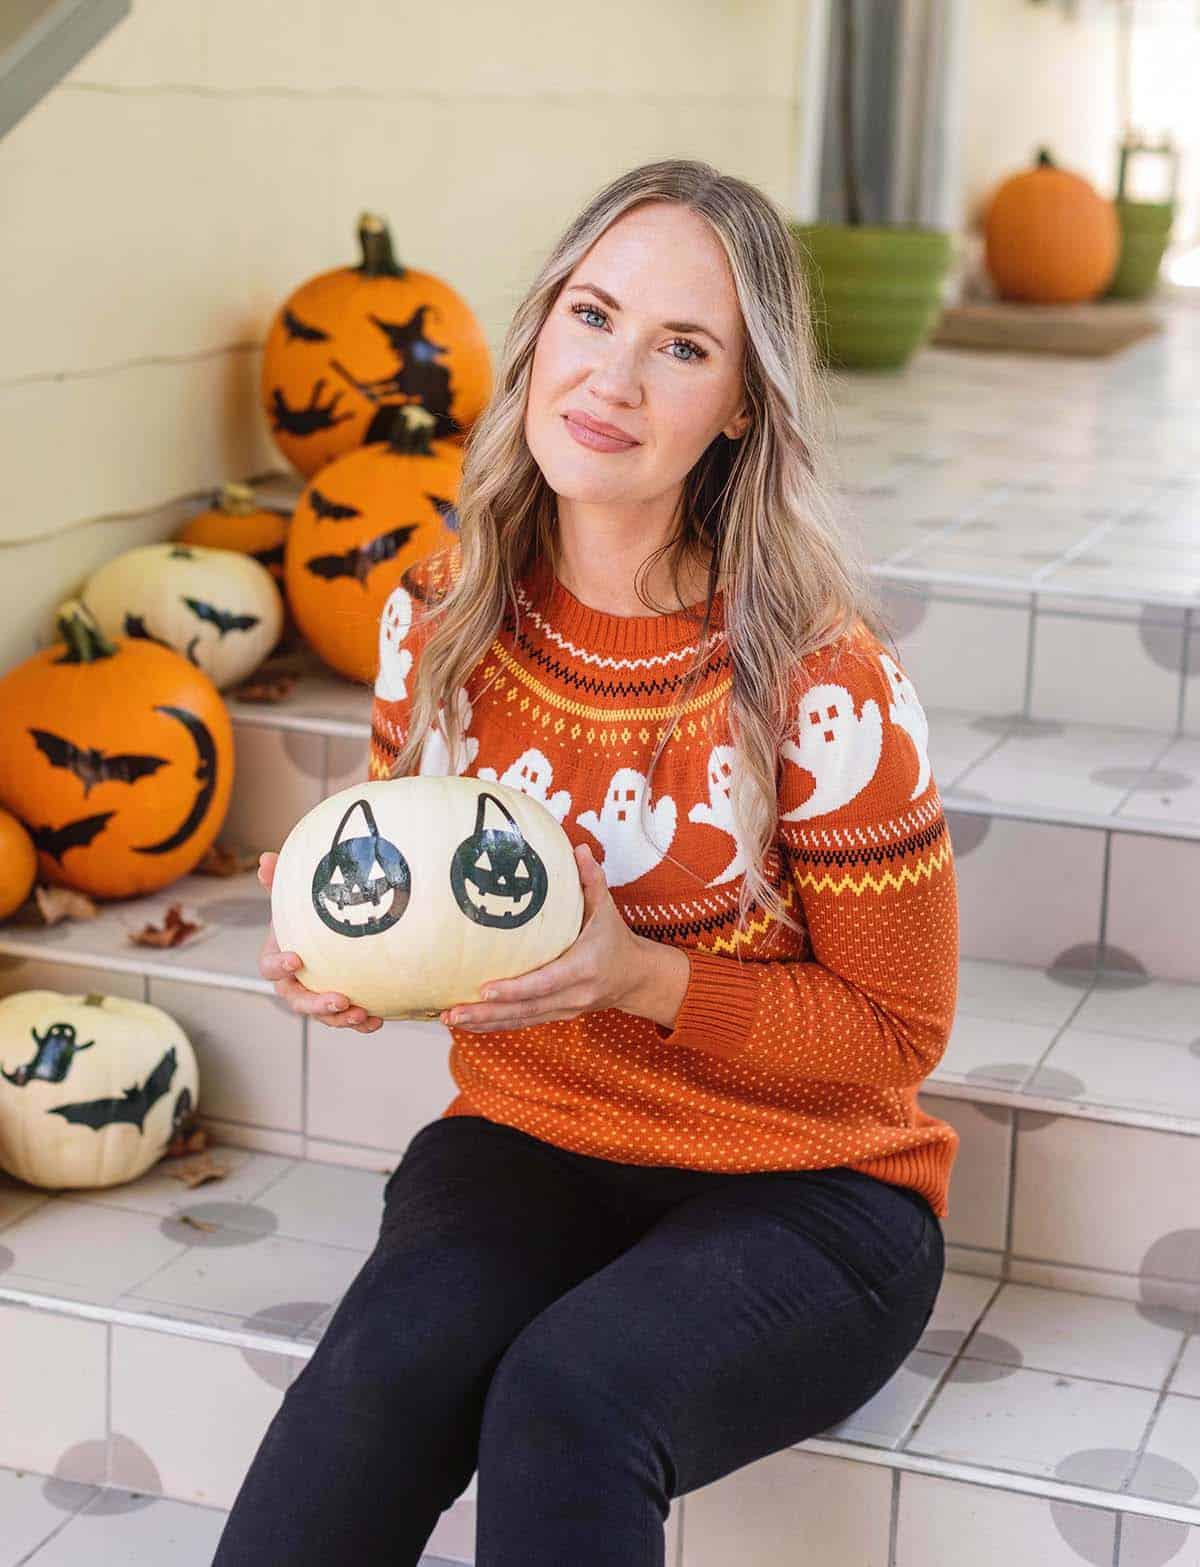 Emma holding a pumpkin